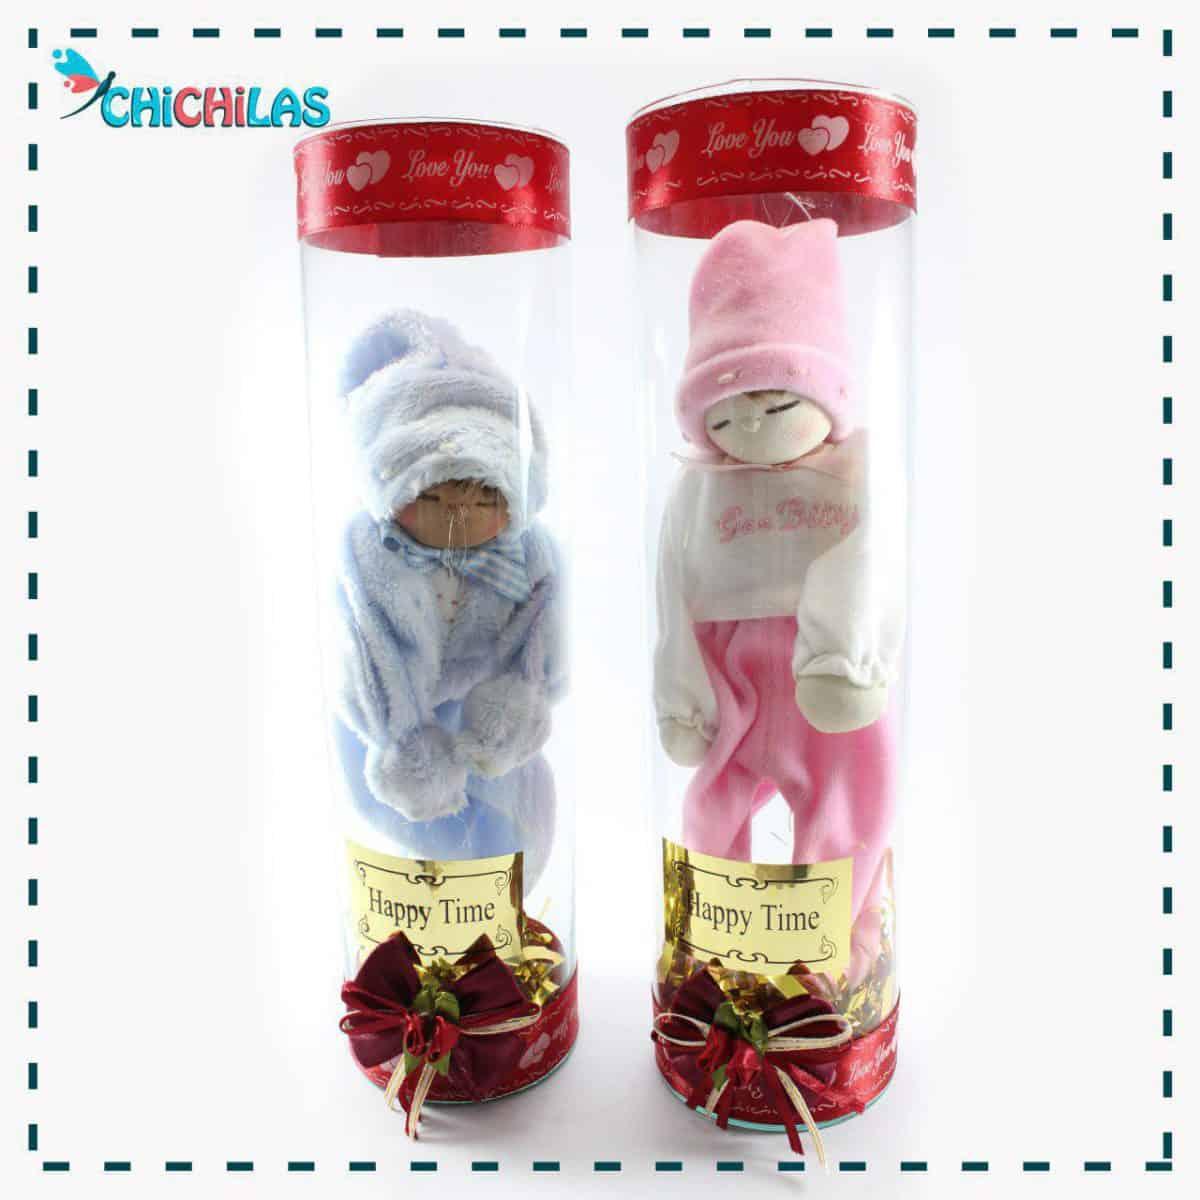 چیچیلاس - عروسک نوزاد - عروسک نوزاد پسر - عروسک نوزاد دختر - عروسک پولیشی - فروشگاه دکوری - خرید عمده عروسک